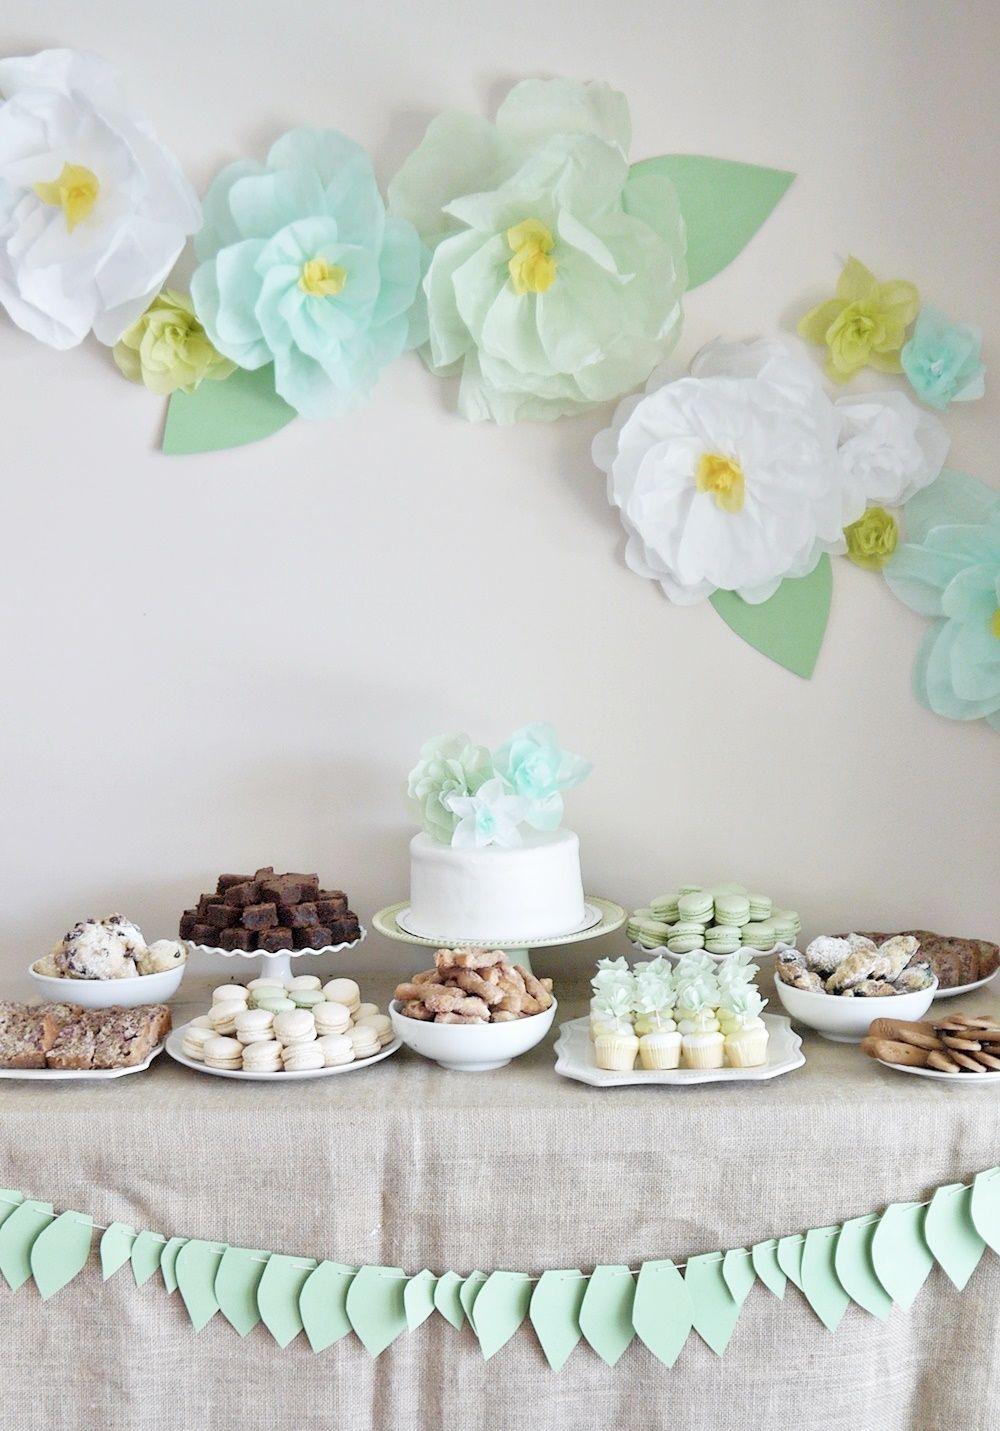 Tissue Paper Flower Decor for Garden Tea Party  Dessert Table